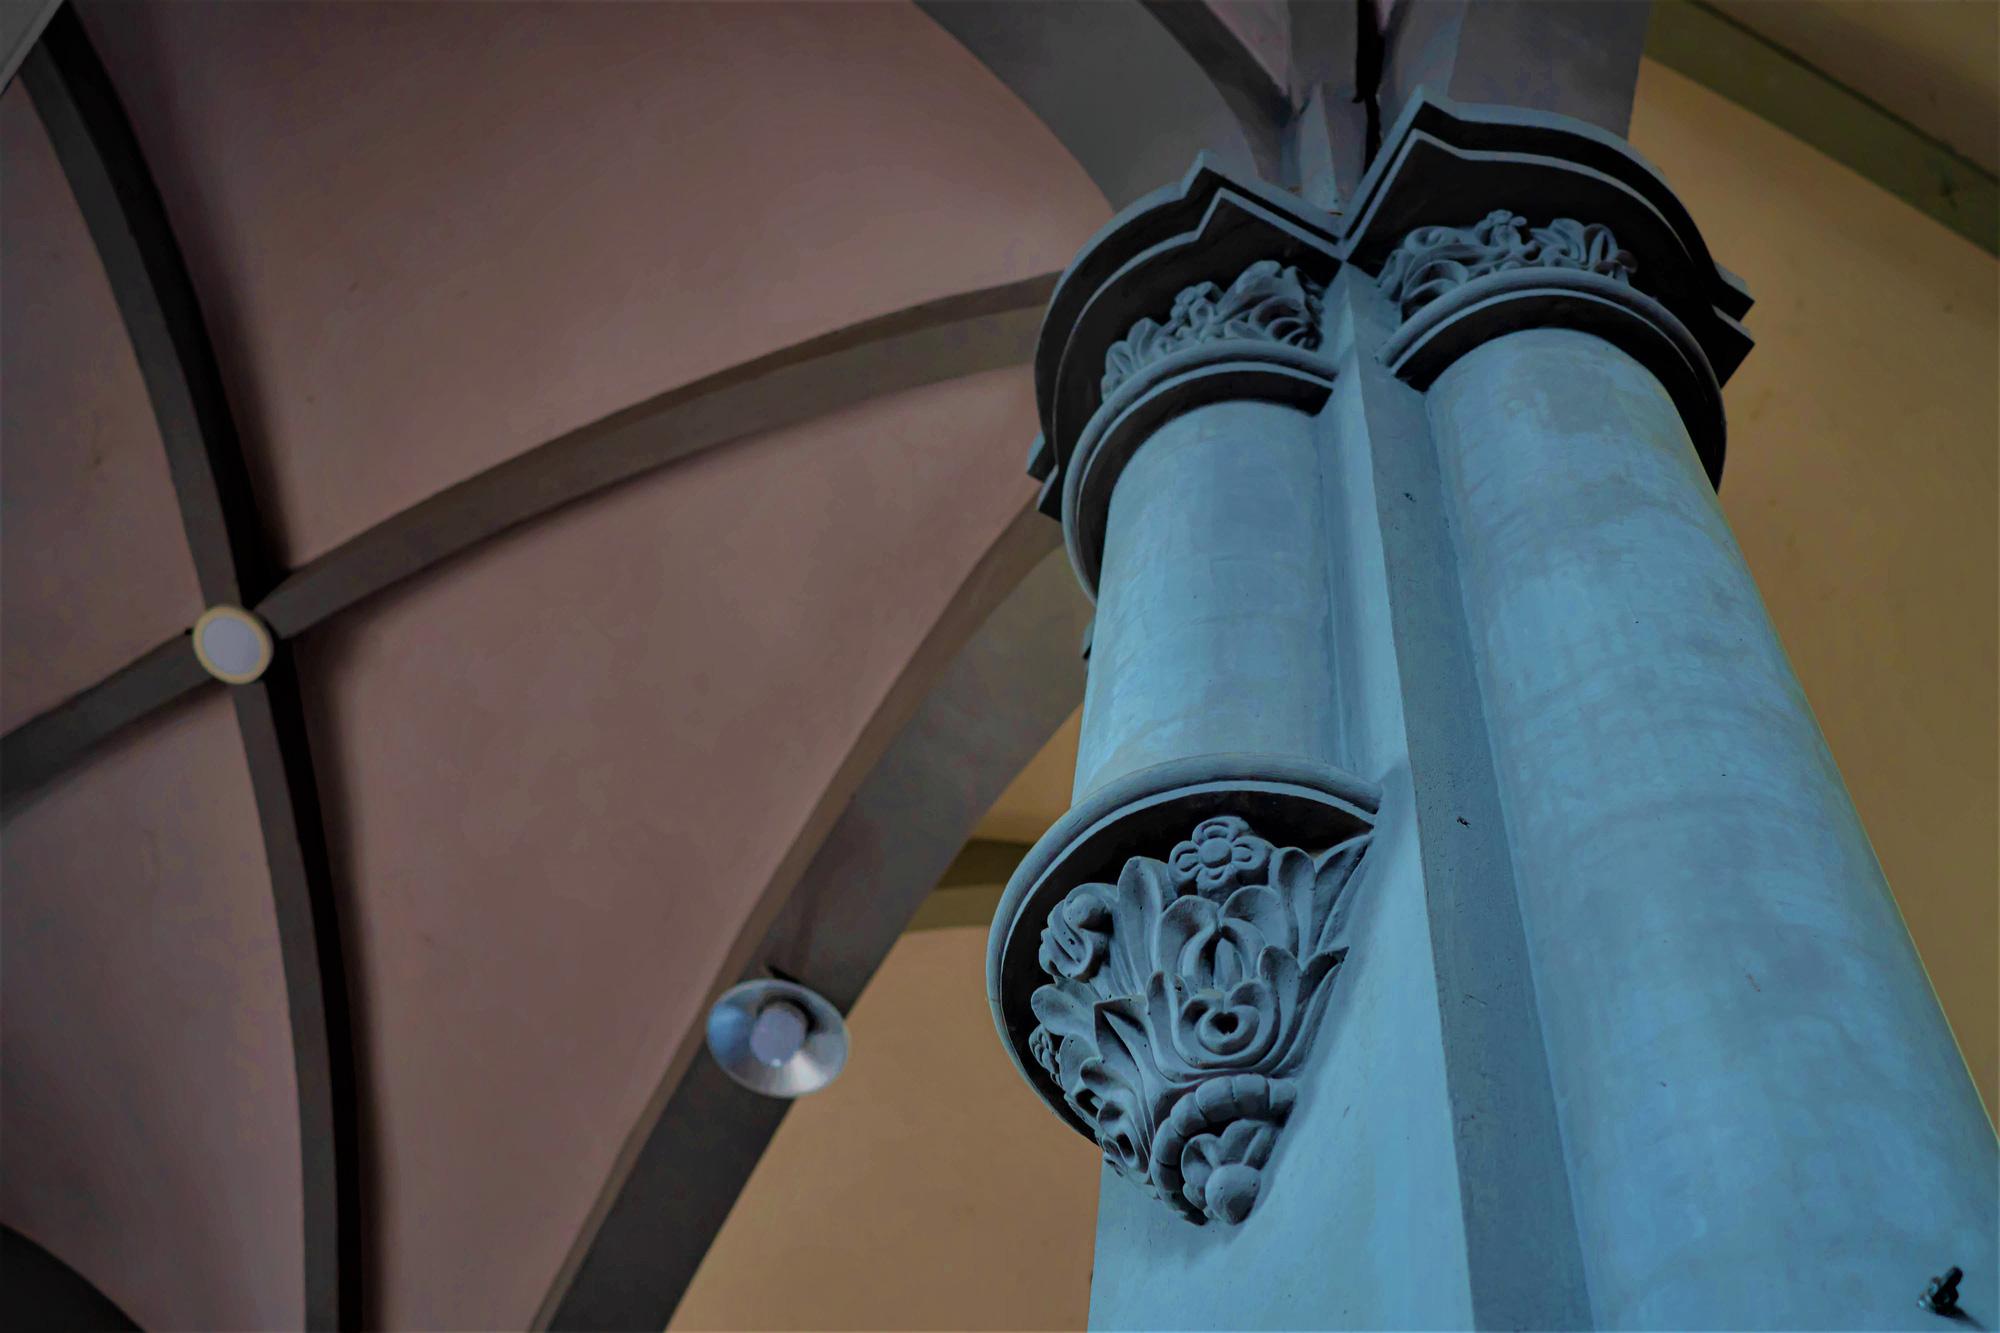 Về thăm nhà thờ Khoái Đồng, nơi thờ hiện thân của ông già Noel - Ảnh 15.